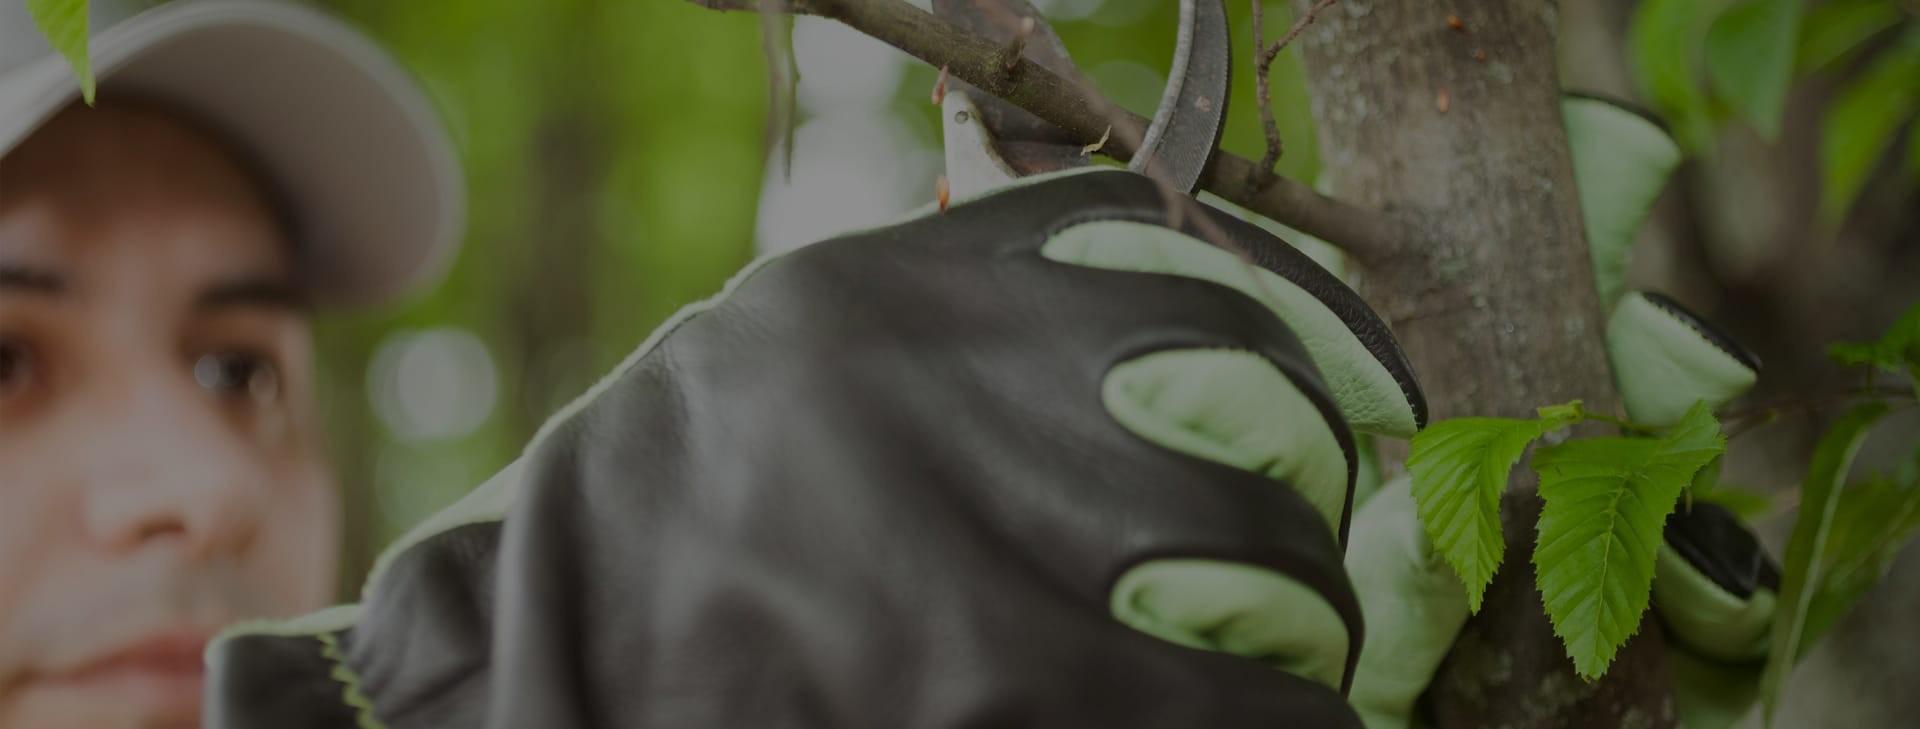 Wij modelleren en ontwerpen uw tuin op uw smaak